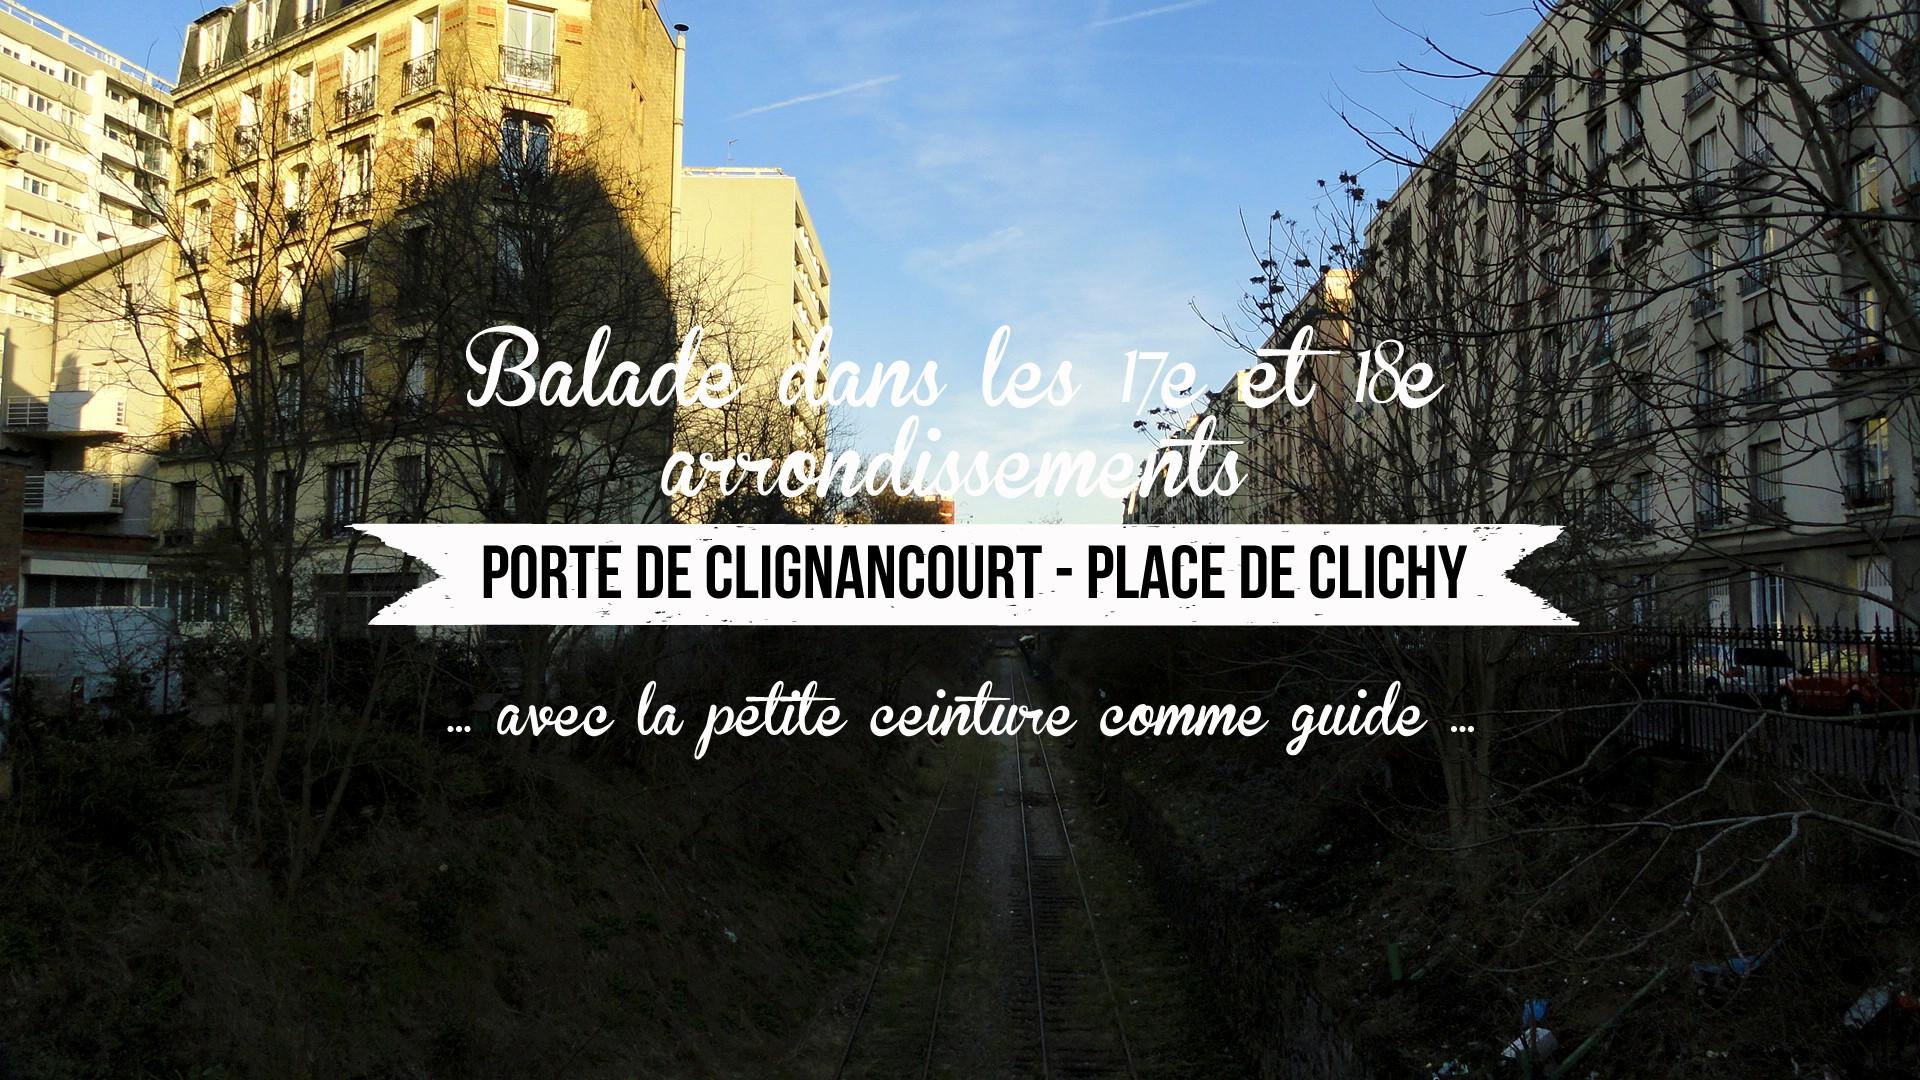 balade_17e_18e_petite_ceinture_paris (19)